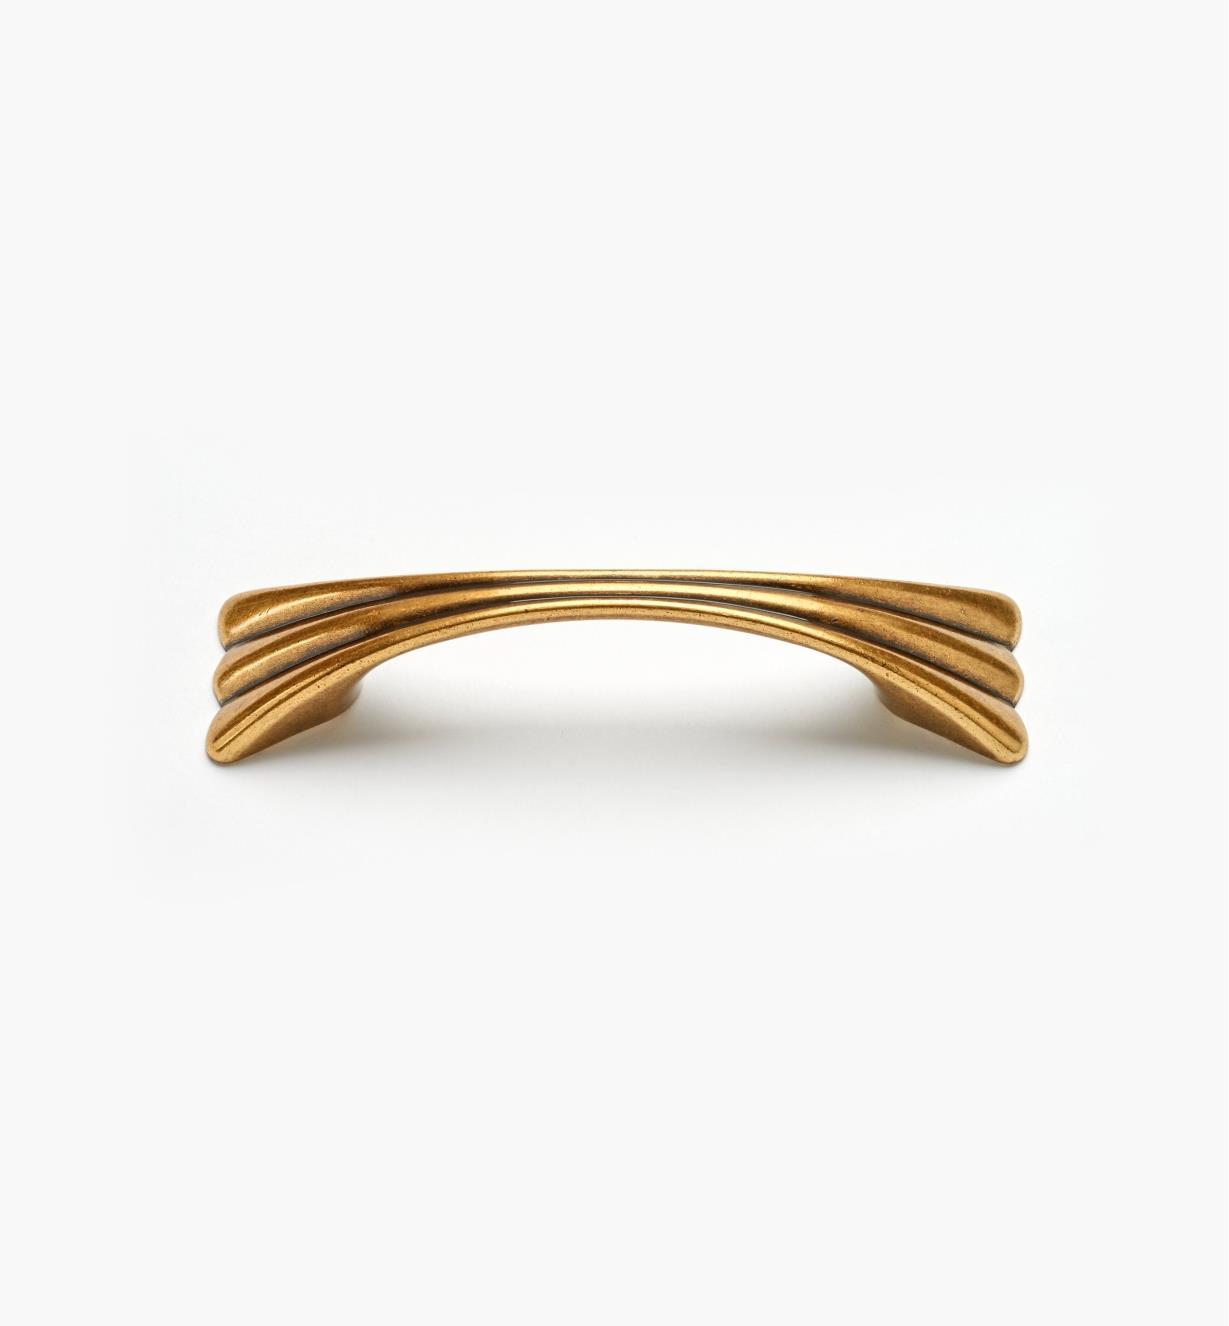 00A7135 - Poignée de 96mm (5 3/8 po), série Alessia, fini bronze bruni